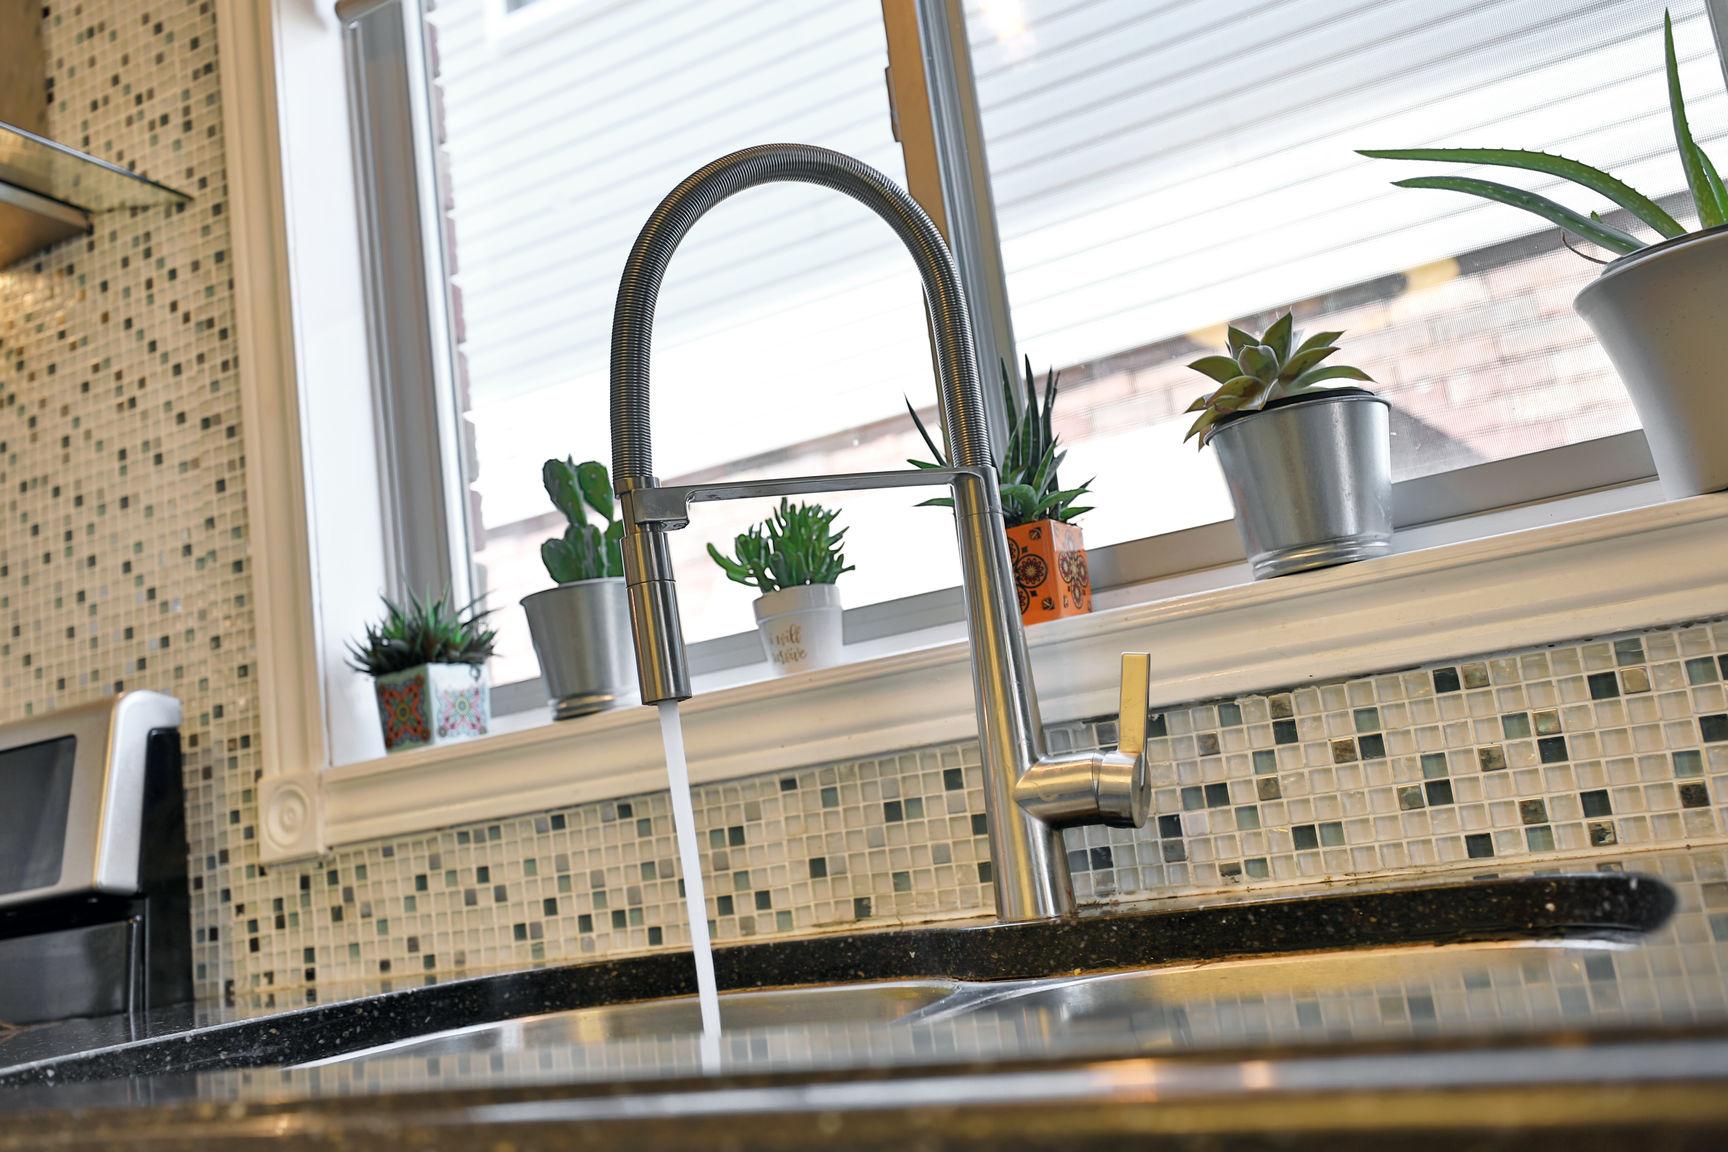 Glanbrook Binbrook 26 Switzer kitchen sink 2 - Recently SOLD in Binbrook